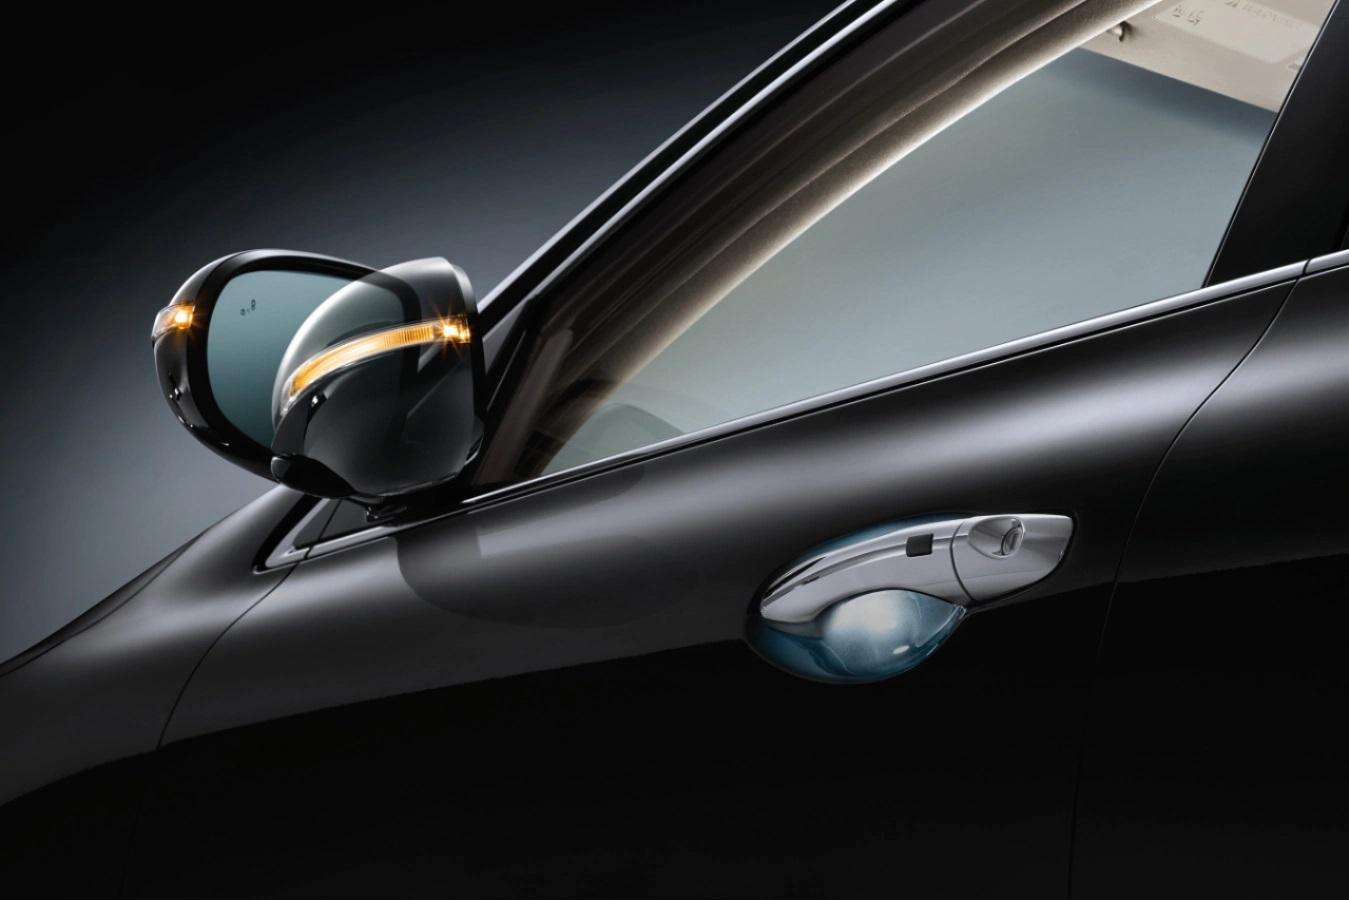 2020 Kia Sorento Side-View Mirrors